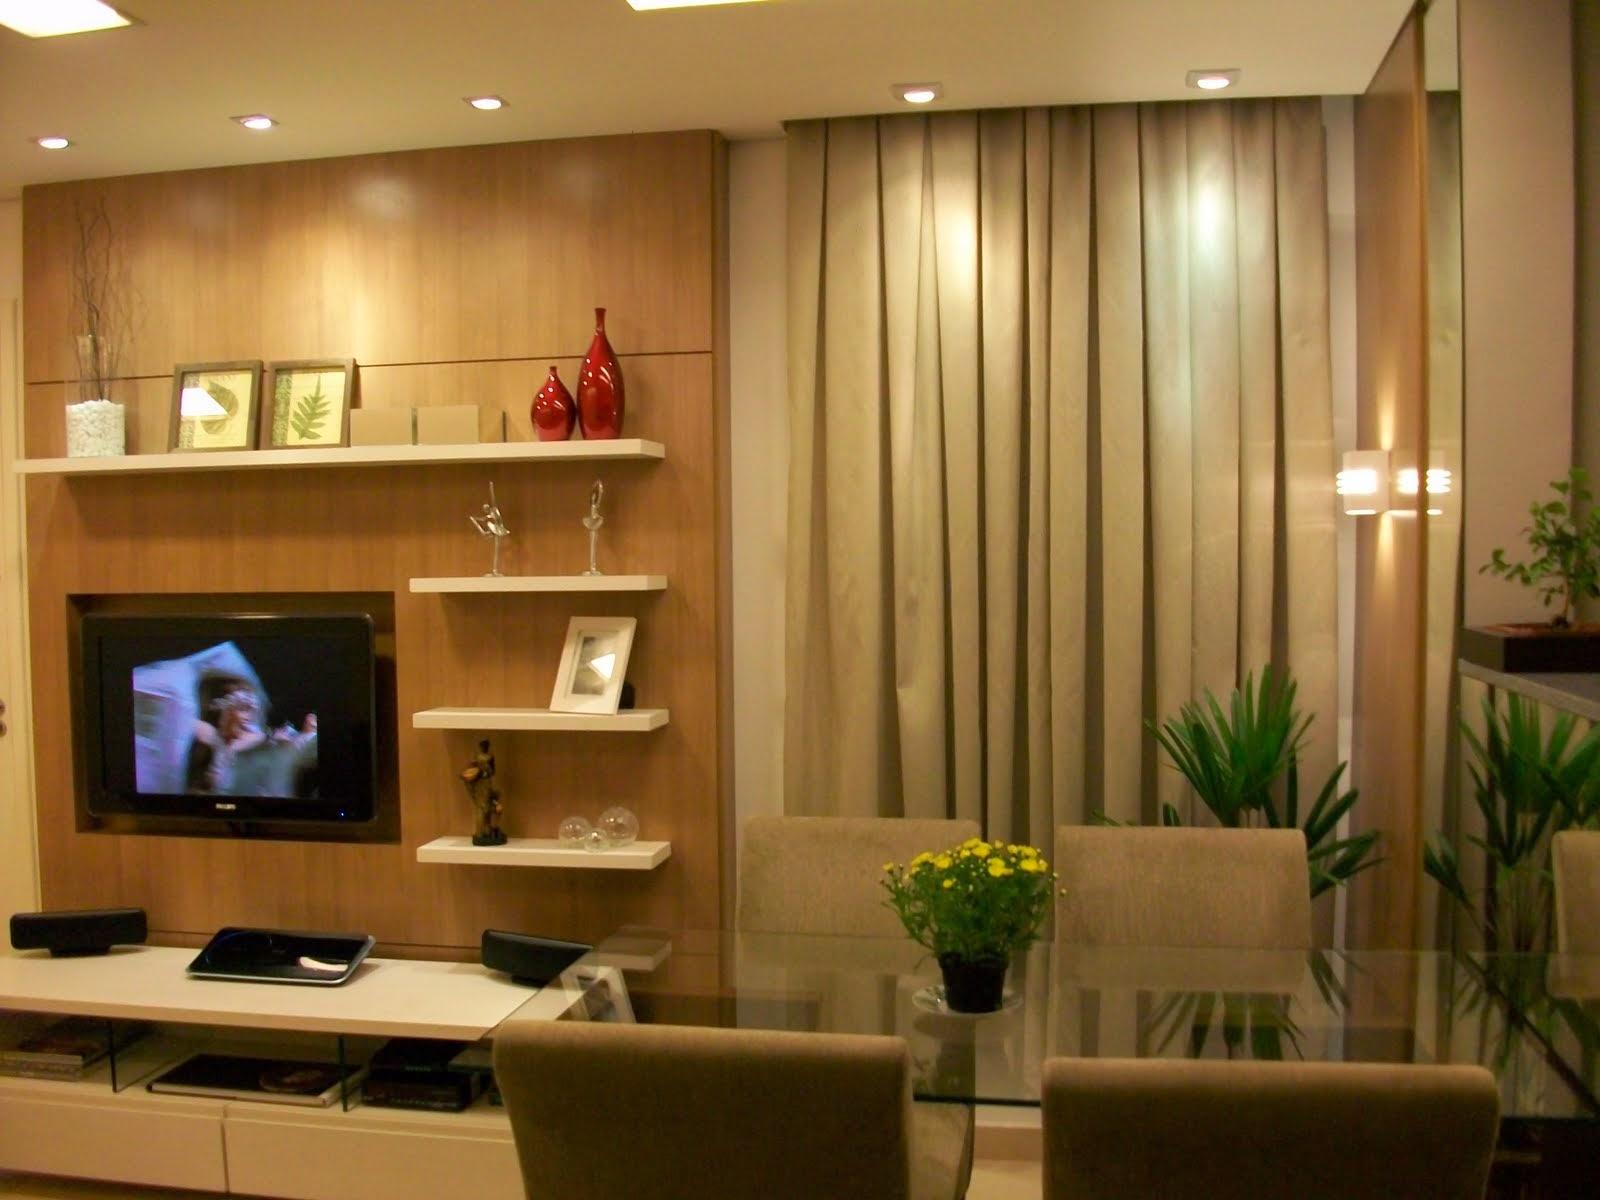 Guia de decoração para apartamentos pequenos #2E2308 1600 1200